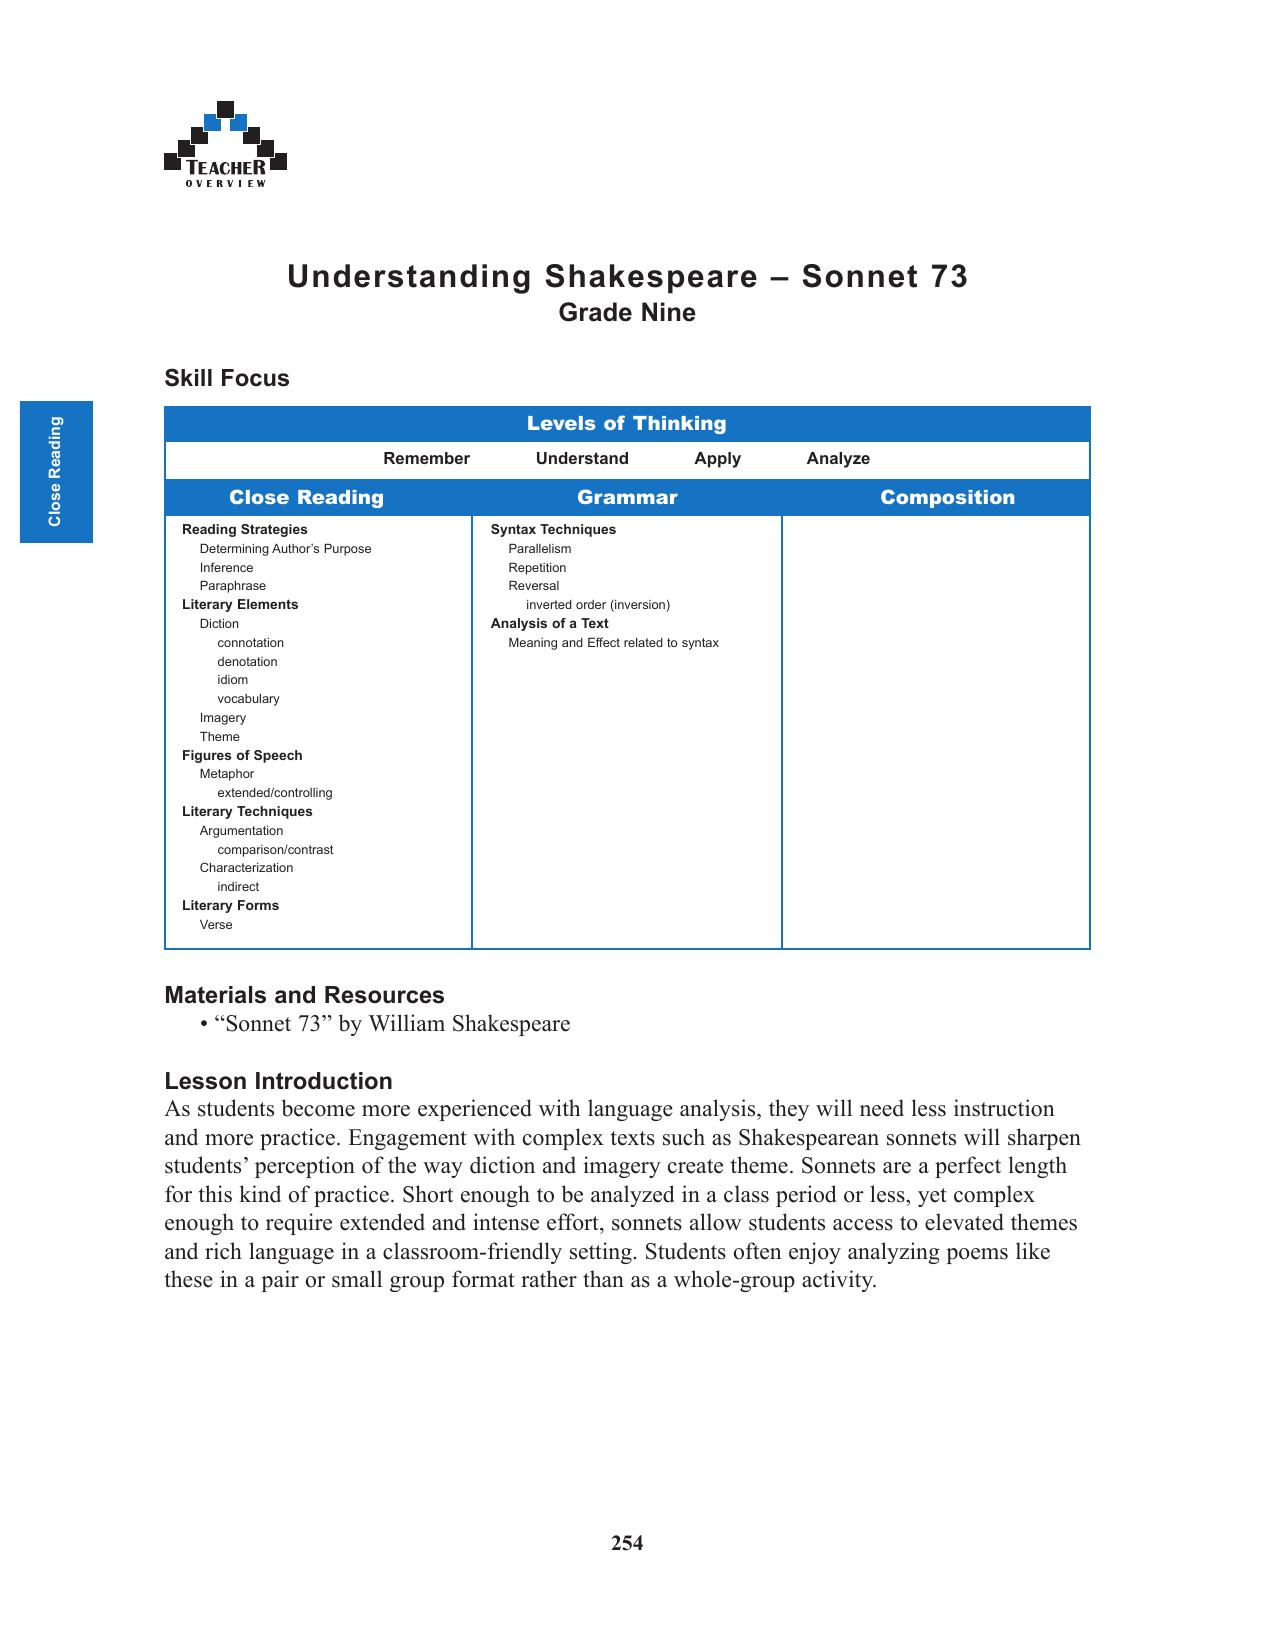 shakespeare sonnet 73 theme